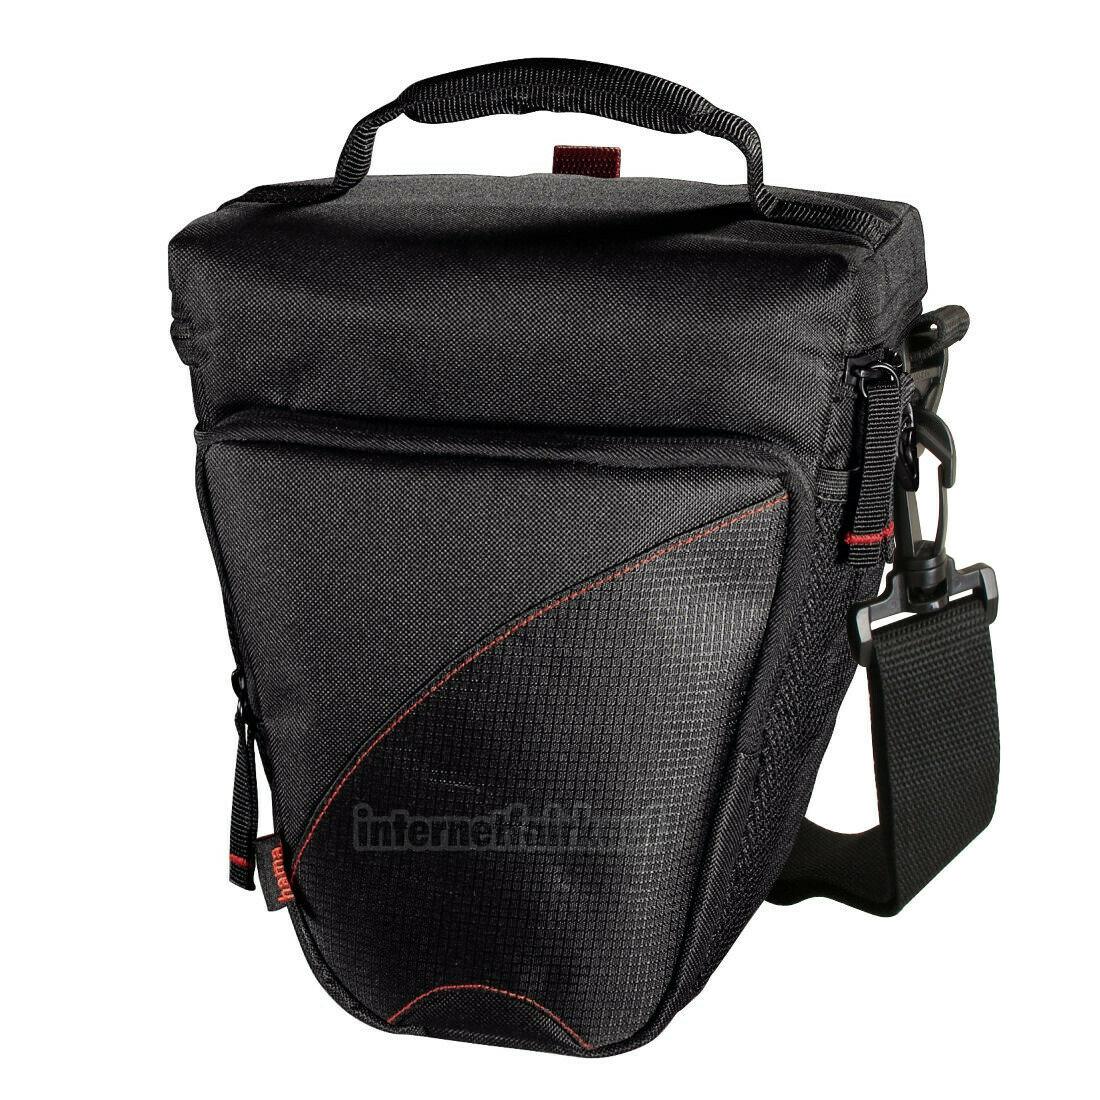 Fototasche Kameratasche passend für Sony Alpha 7 7R 7S und Sony 24-70mm Objektiv